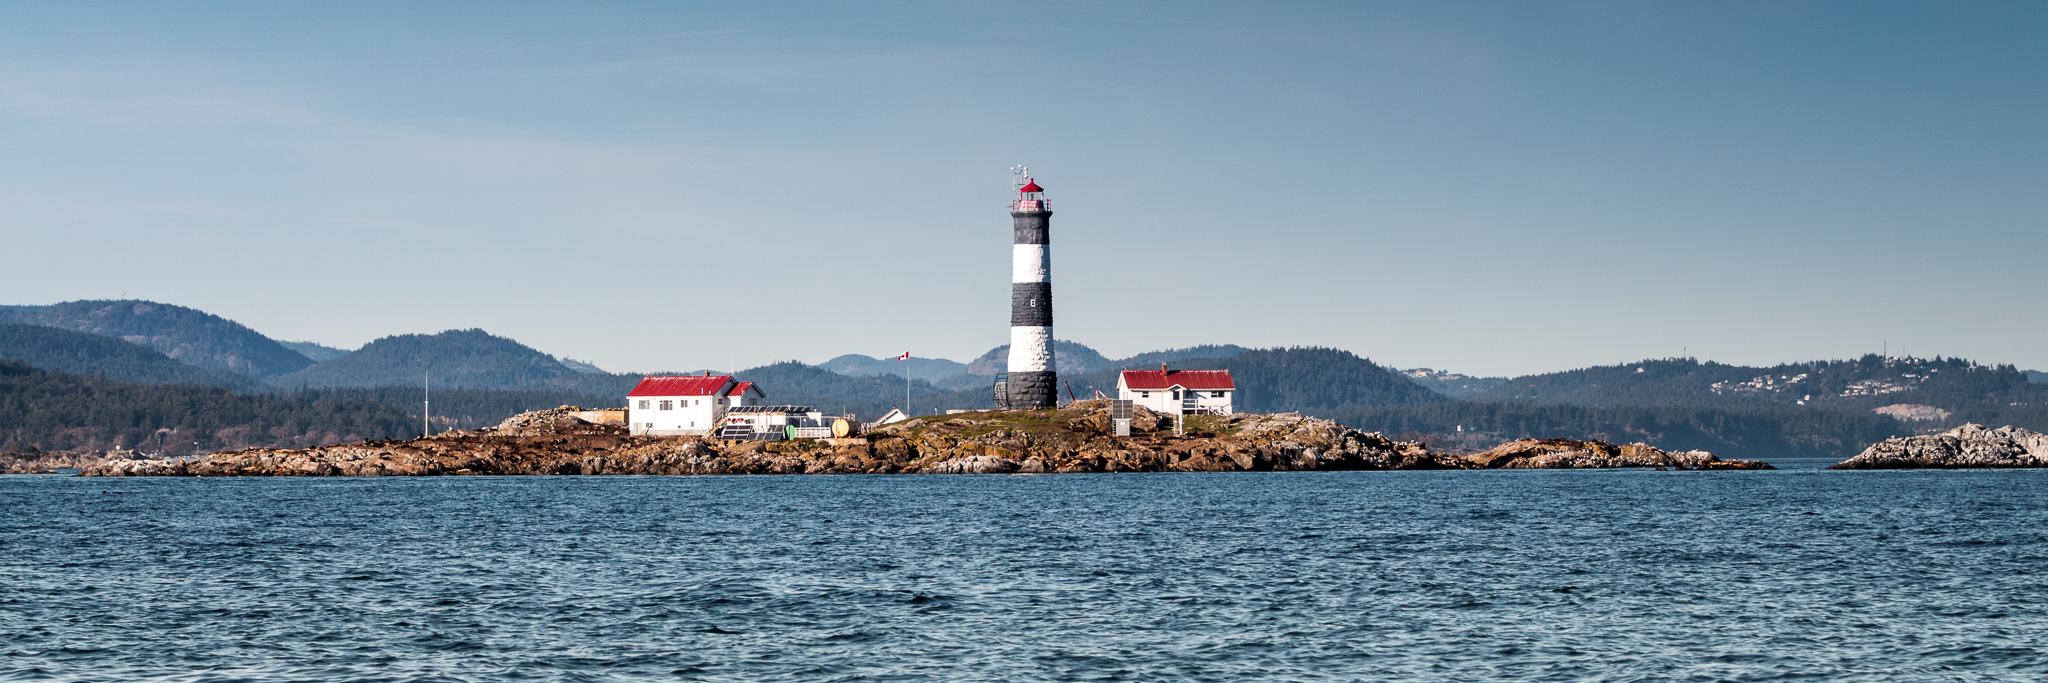 canada_lighthouse